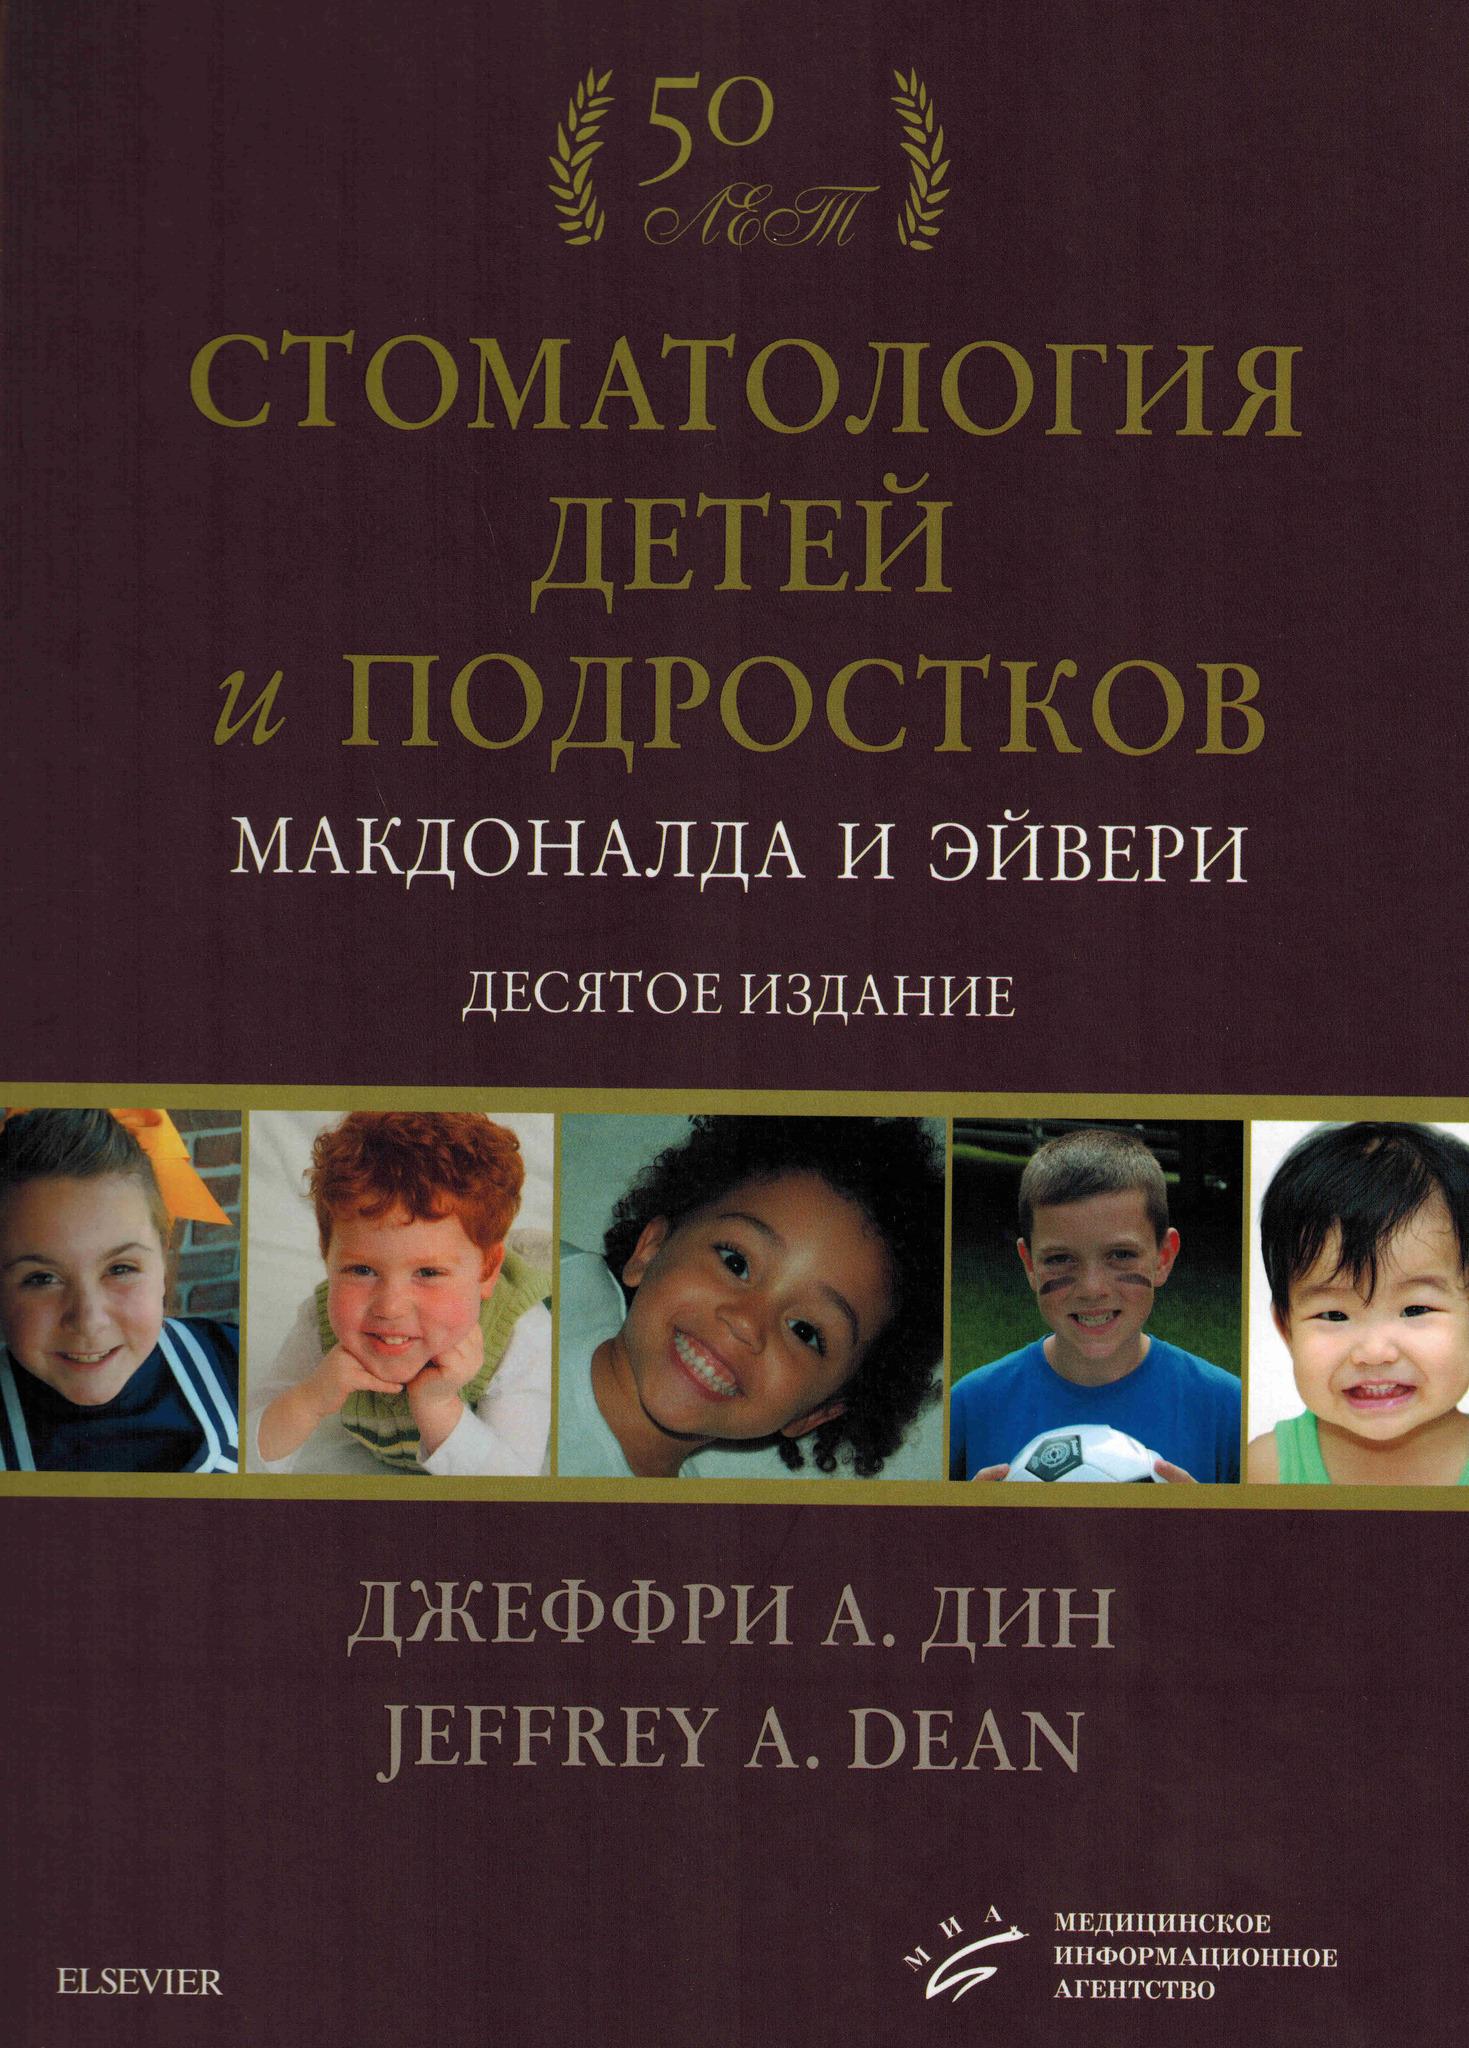 Новинки Стоматология детей и подростков Макдоналда и Эйвери sdip1.jpg